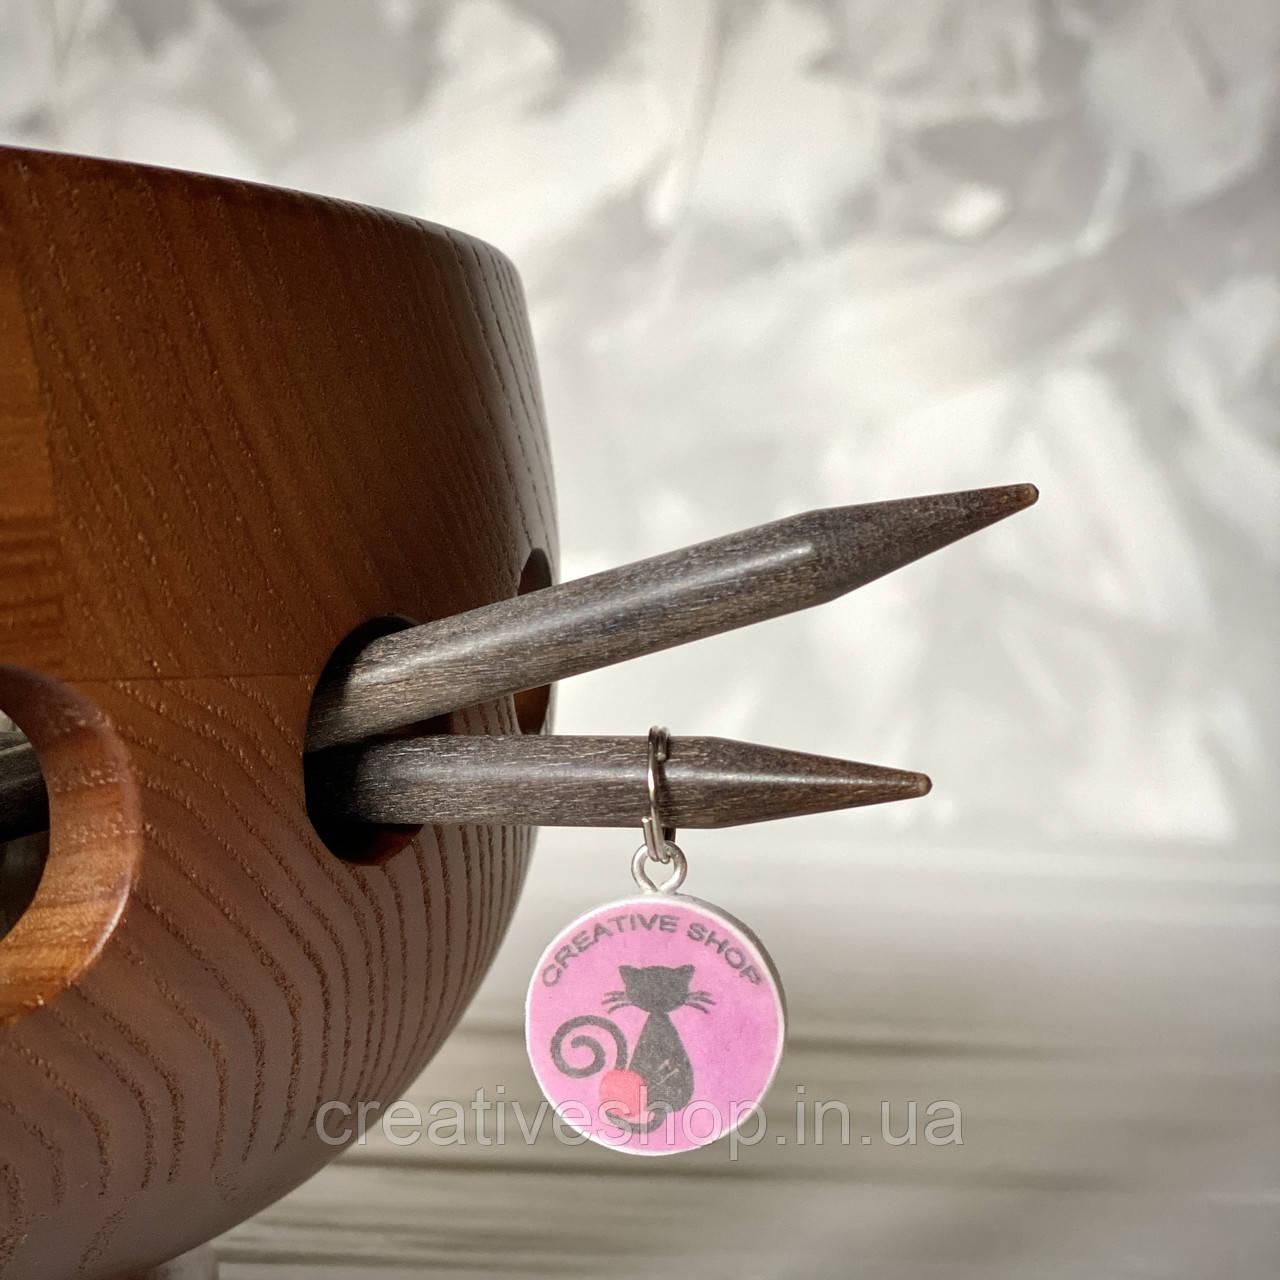 """Фирменный маркер для вязания """"Creative Shop"""""""